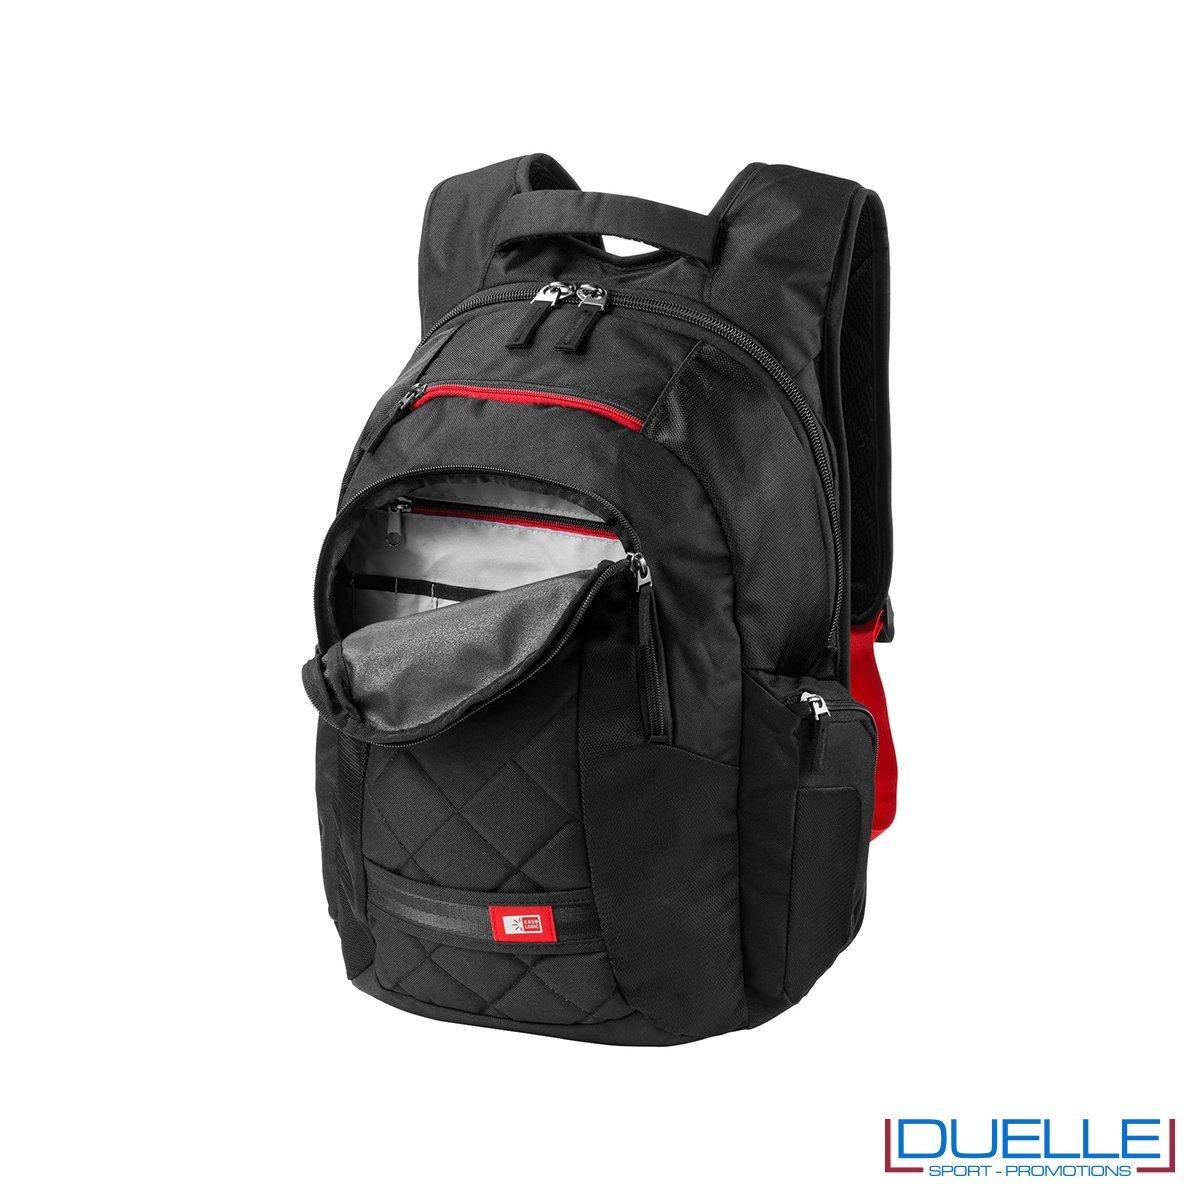 zaino porta laptop personalizzato CASE LOGIC tasca frontale aperta, zaini promozionali CASE LOGIC personalizzato